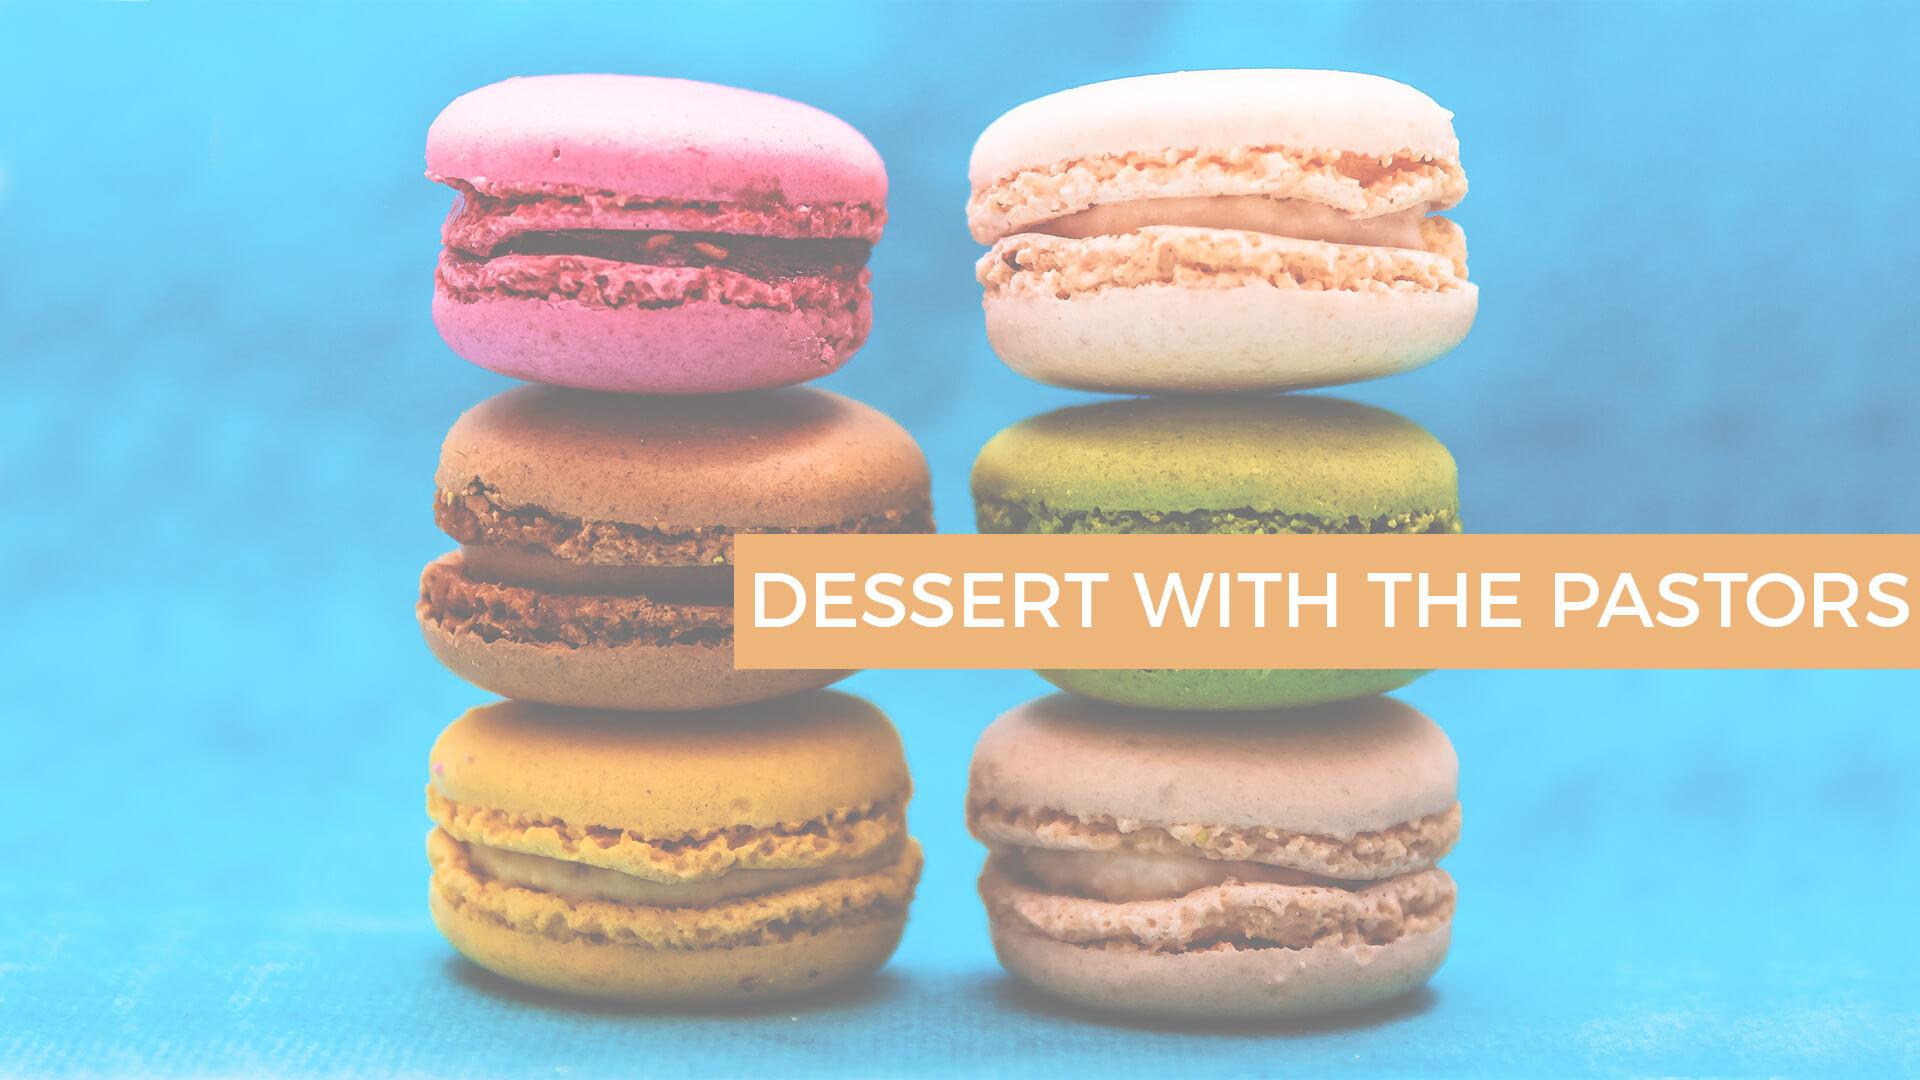 dessertwiththepastors